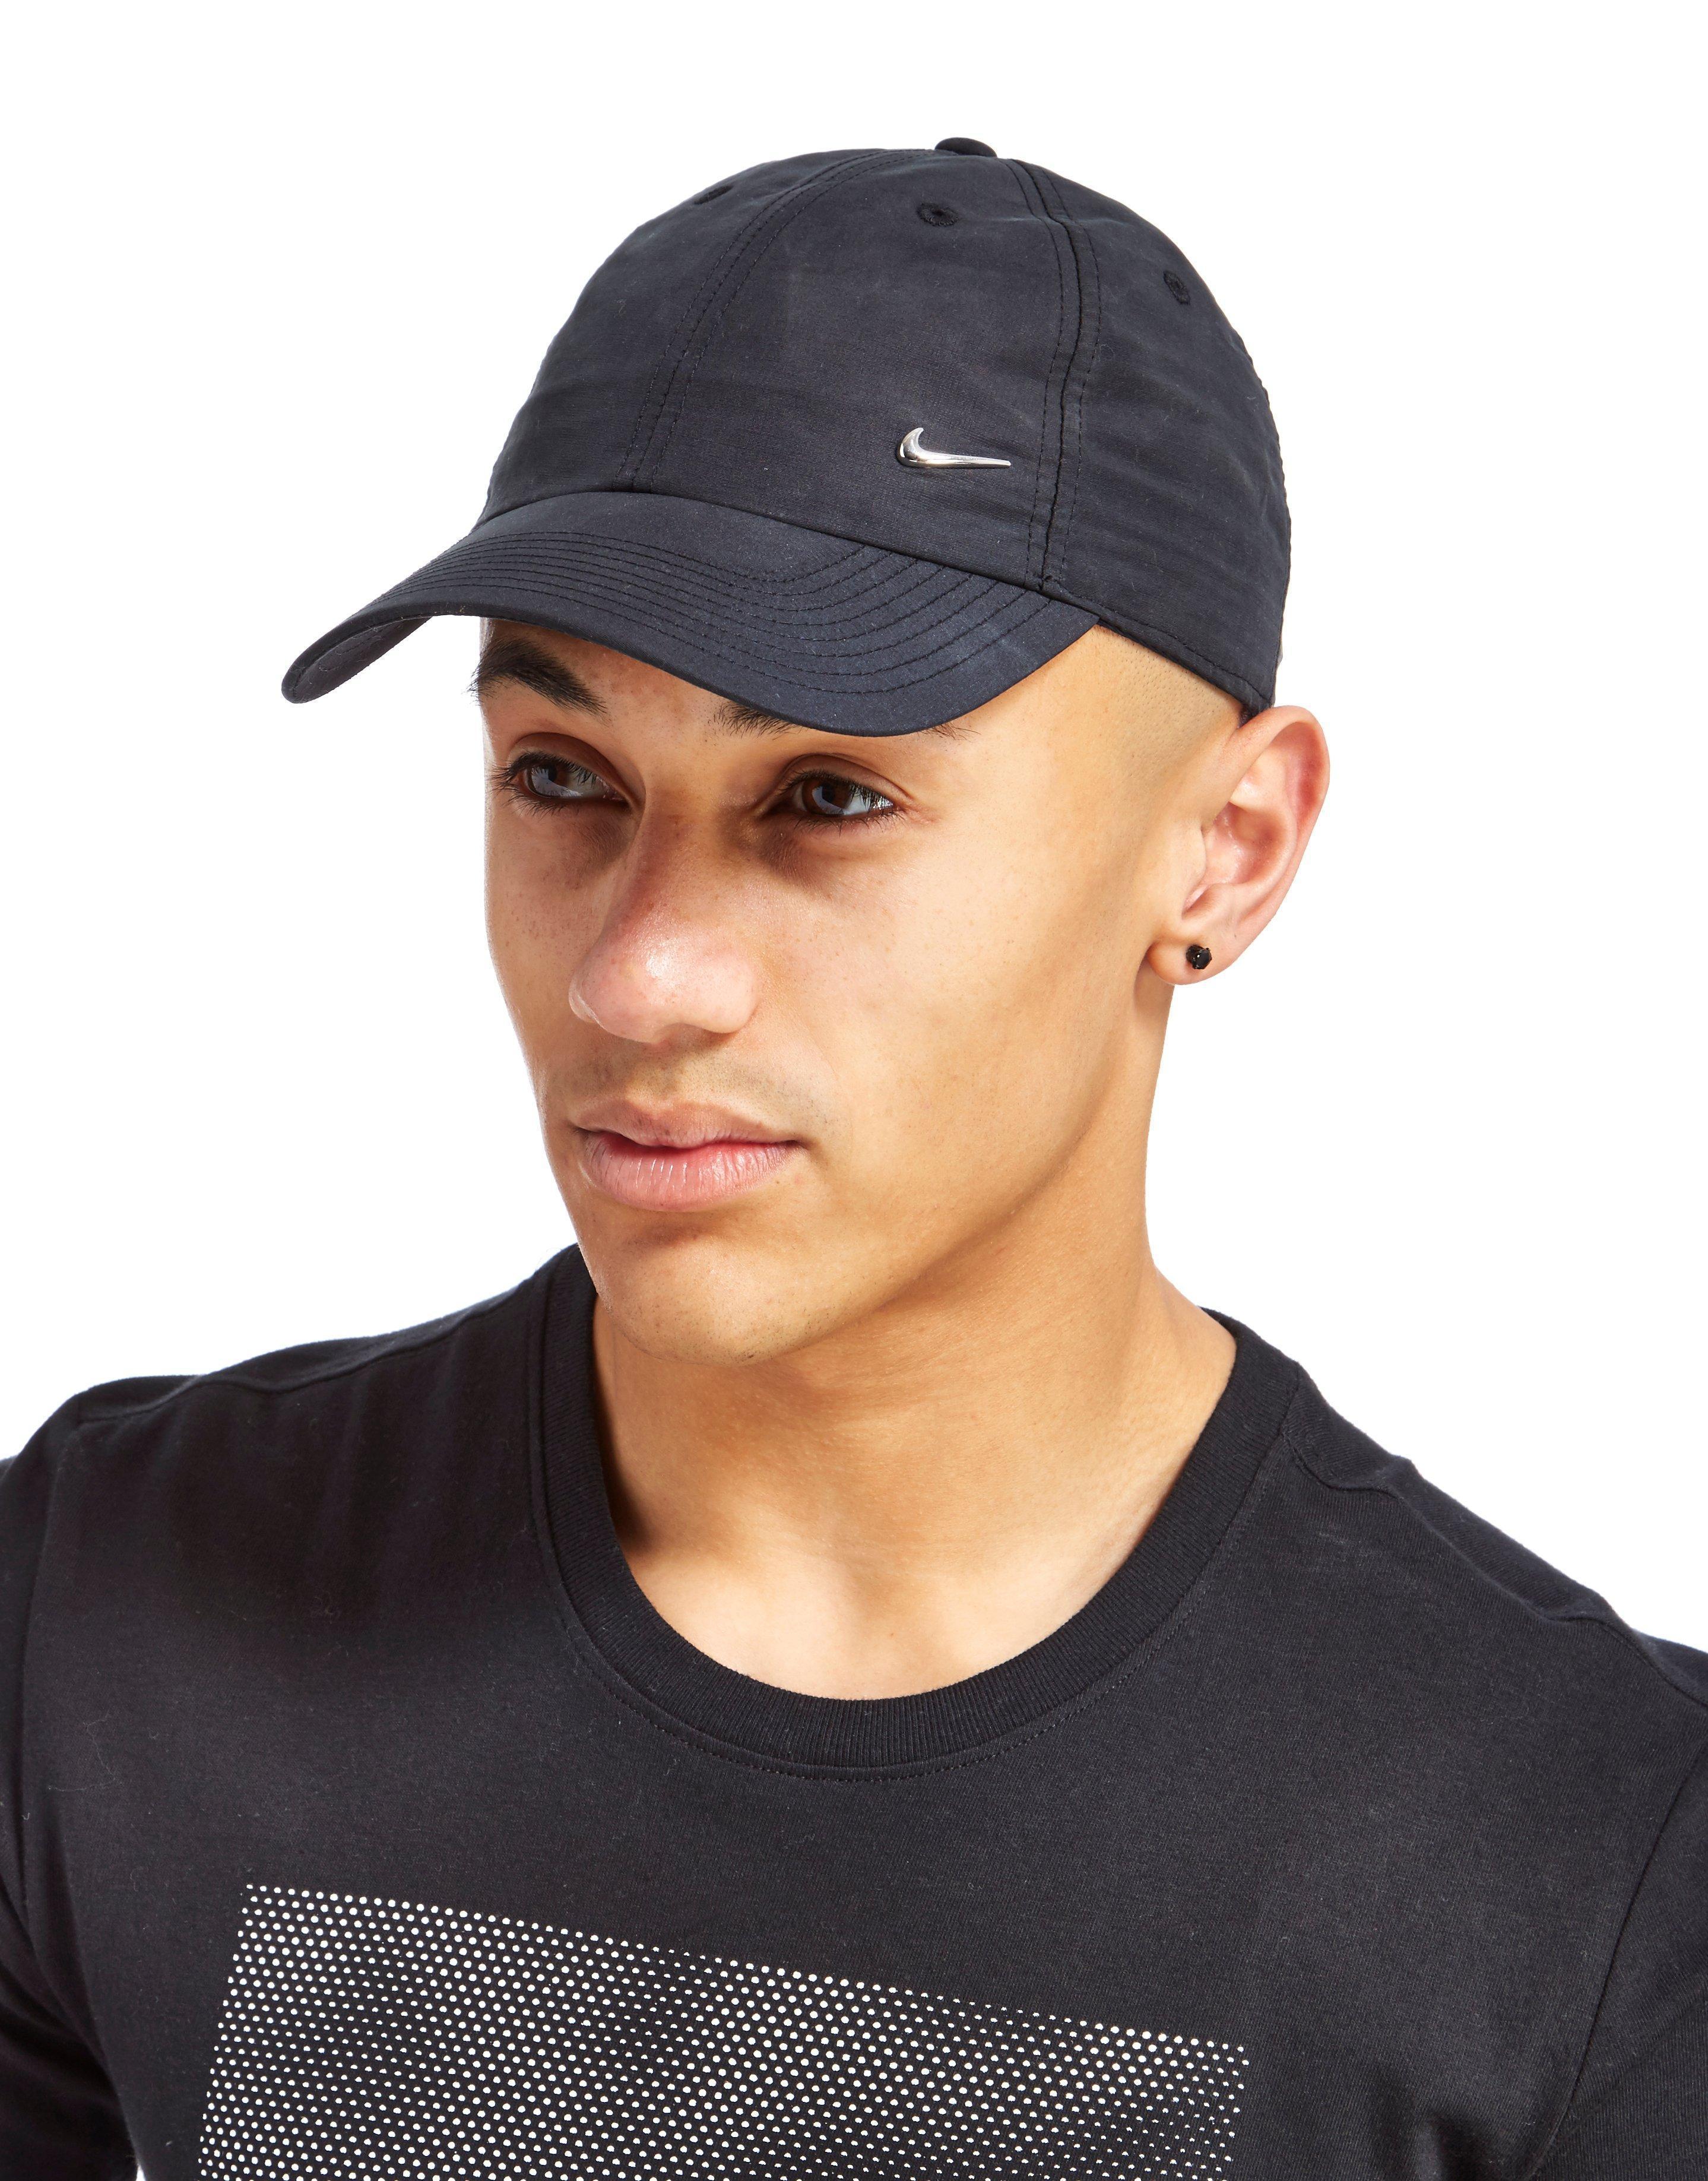 Lyst - Nike Side Swoosh Cap in Black for Men 21ece62be46